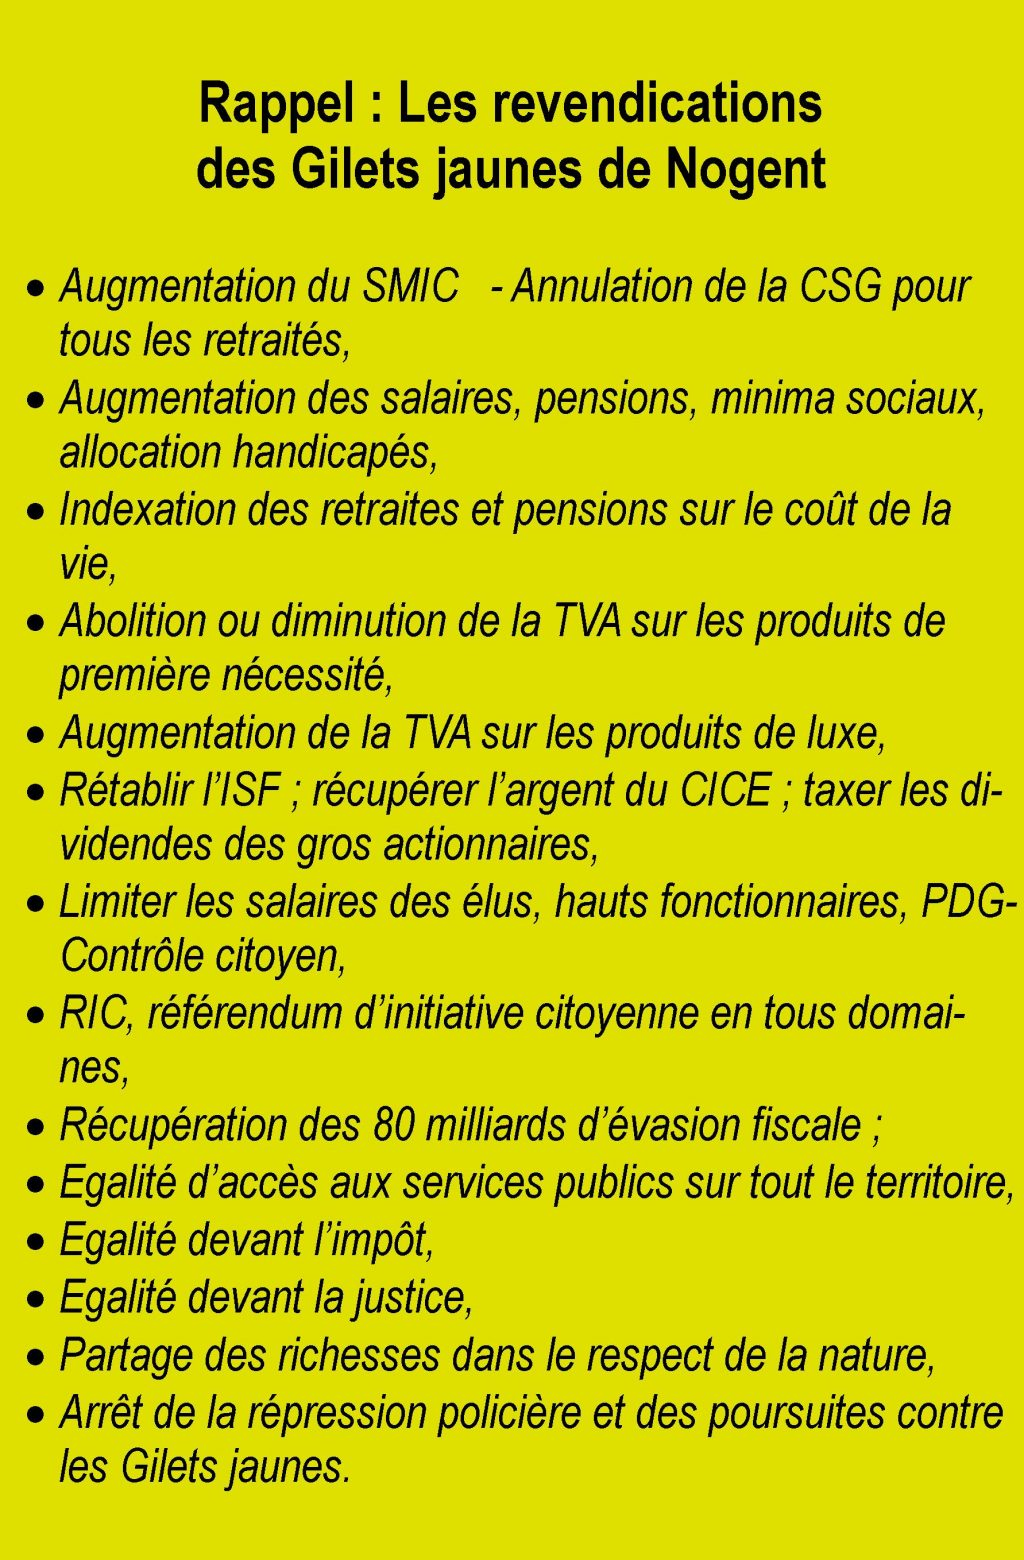 Revendications Gilets Jaunes Nogent-le-Rotrou